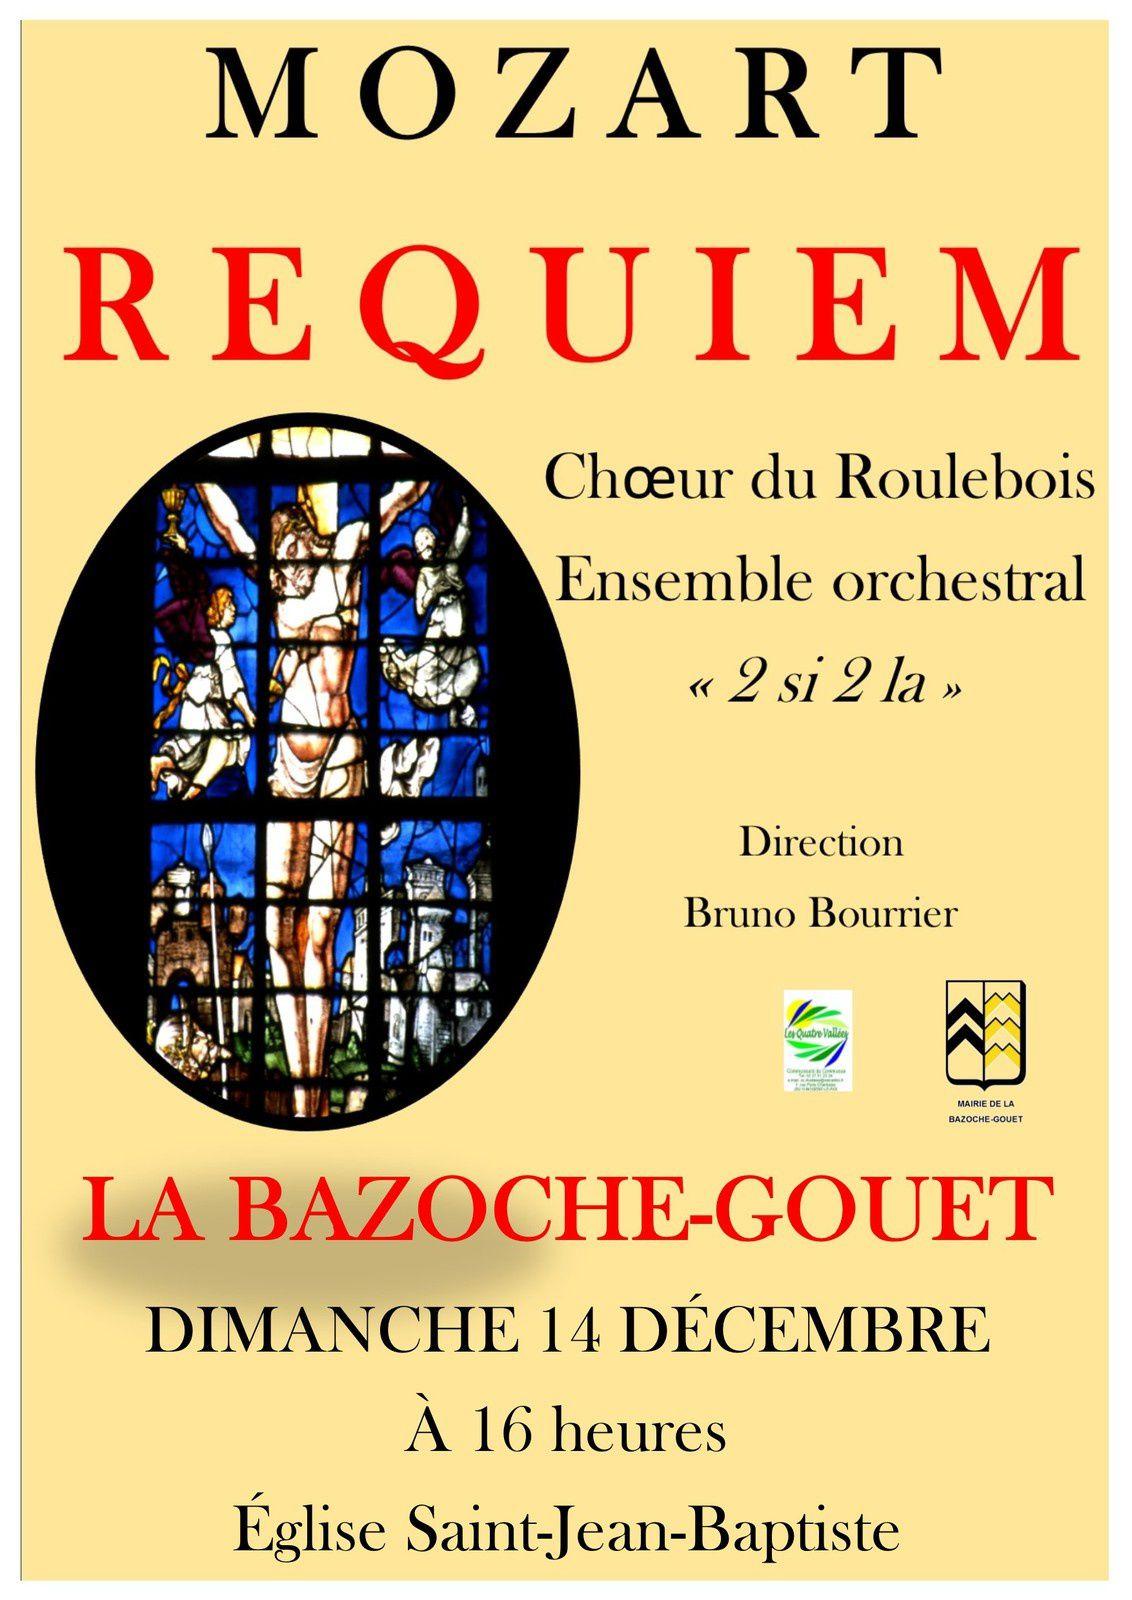 Le Requiem de Mozart à l'Eglise de La Bazoche Gouet